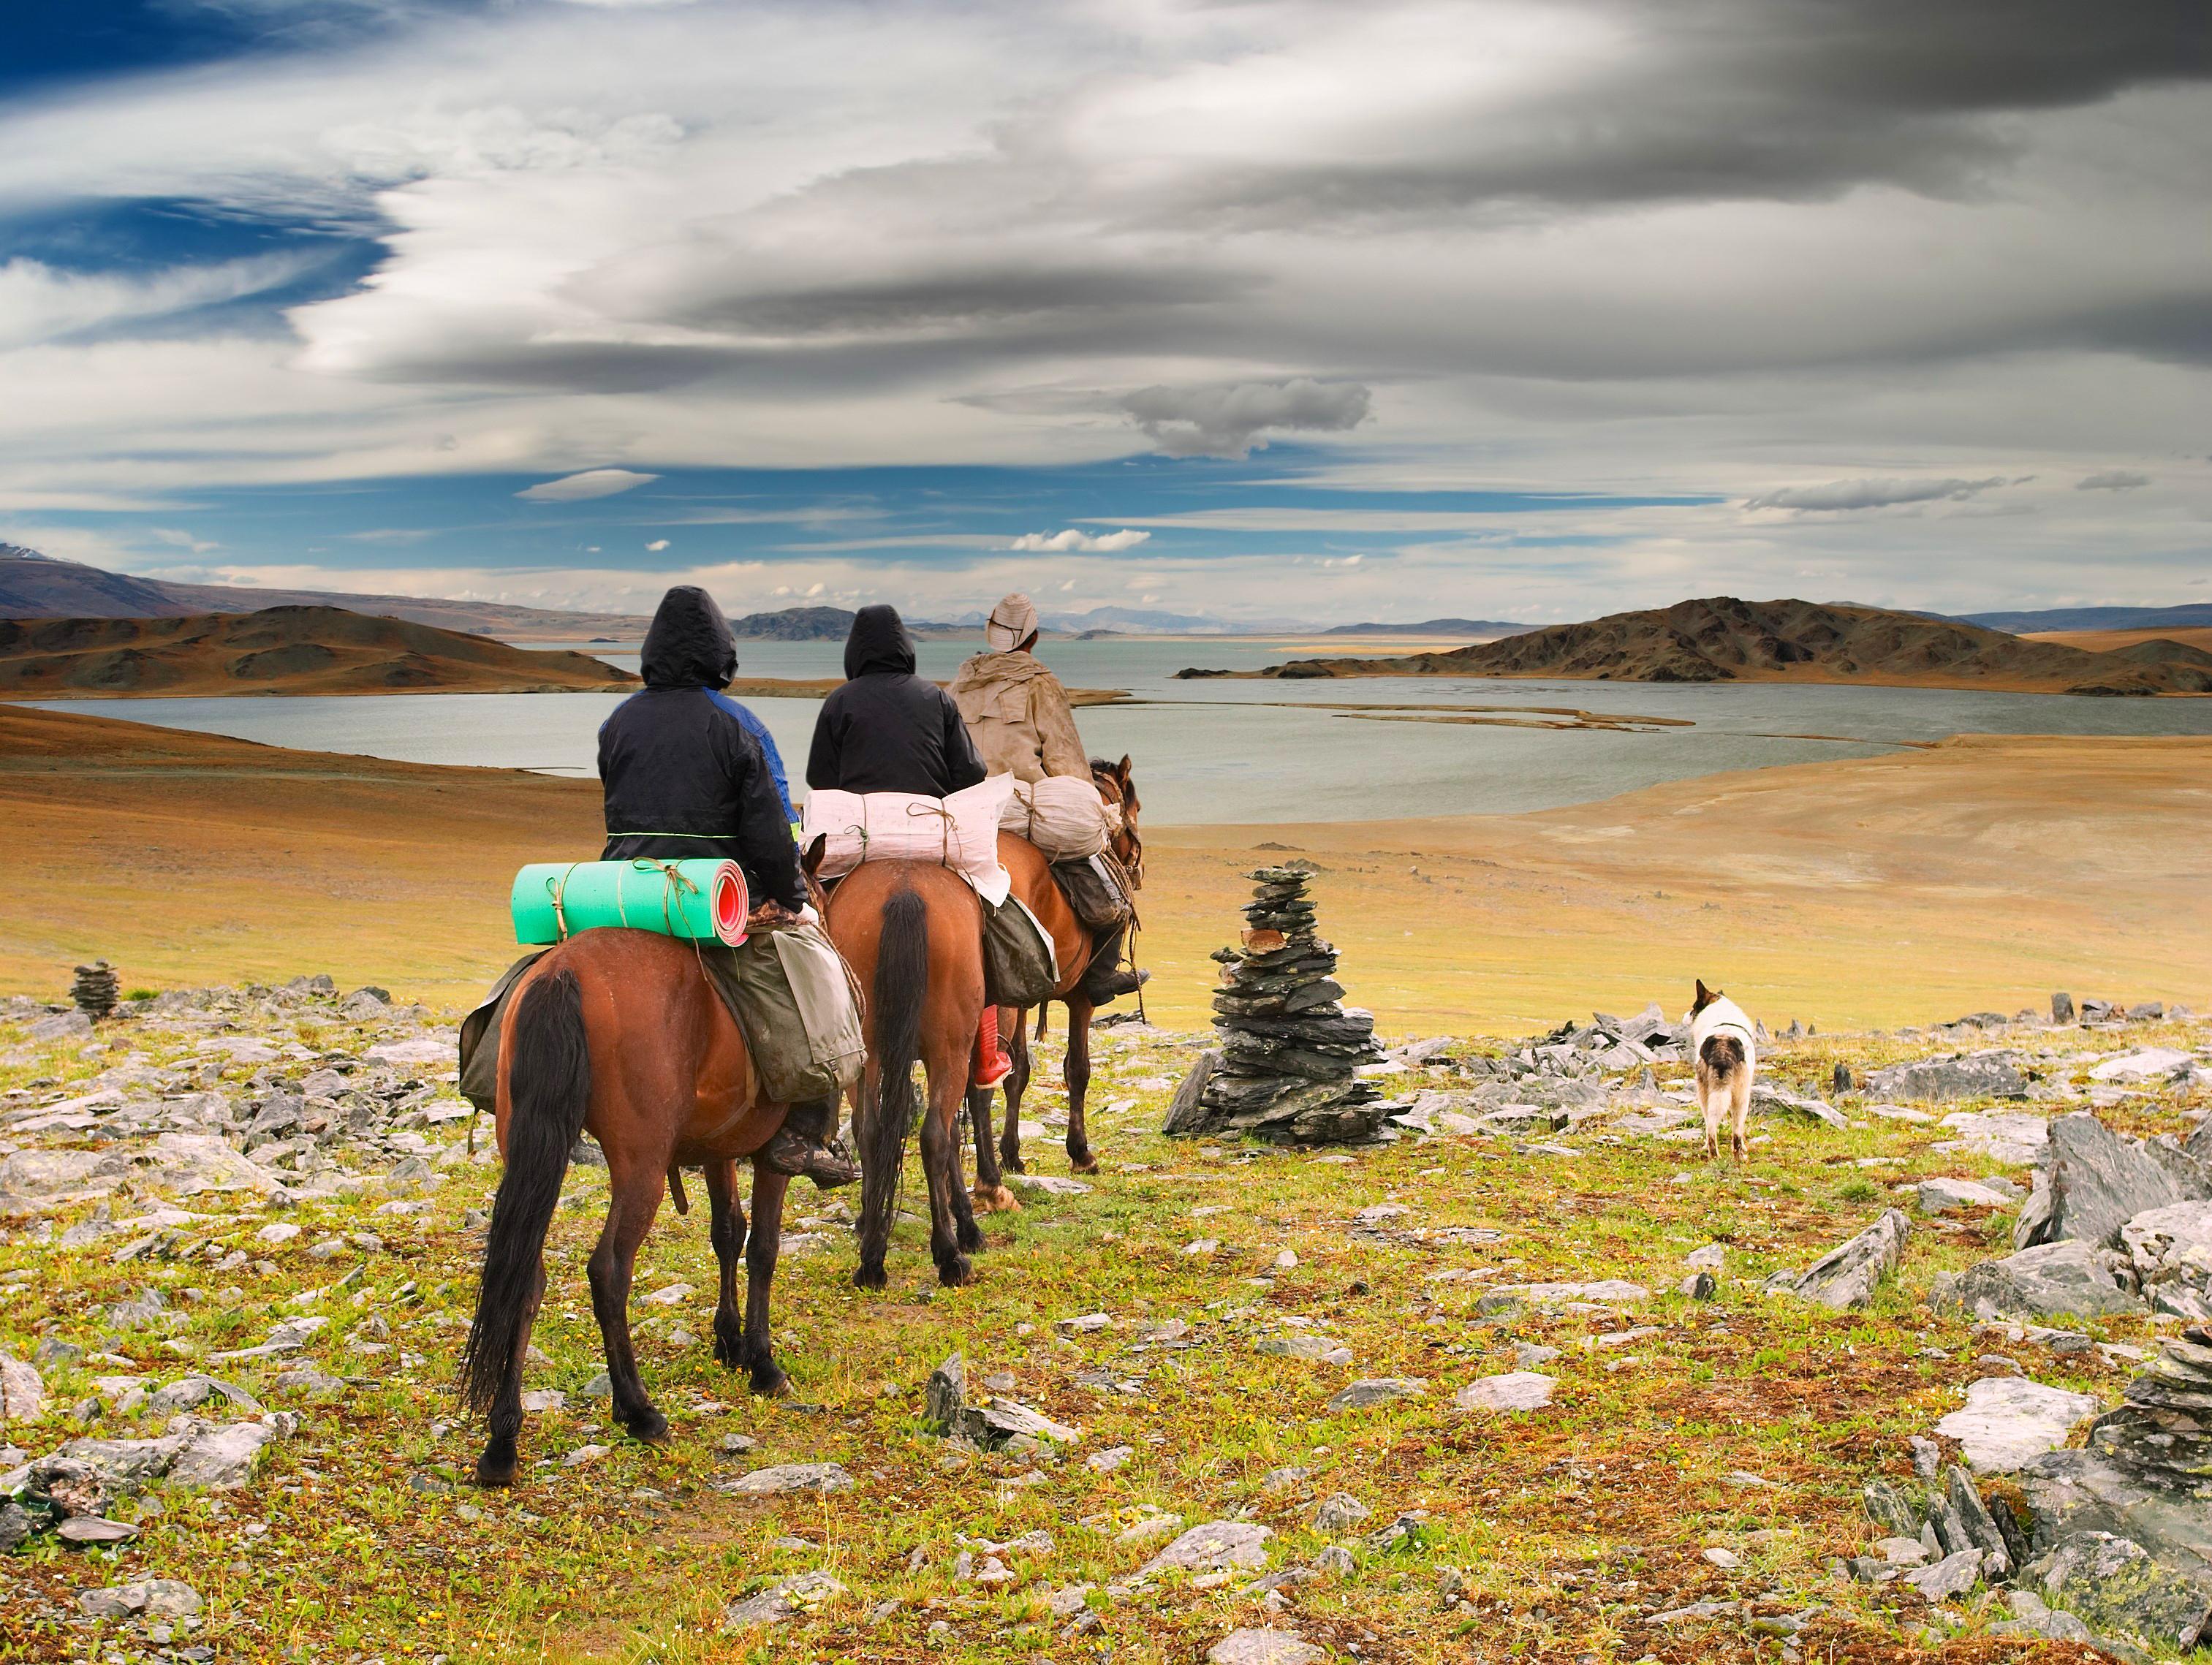 Mongolia - Wild Women Experiences